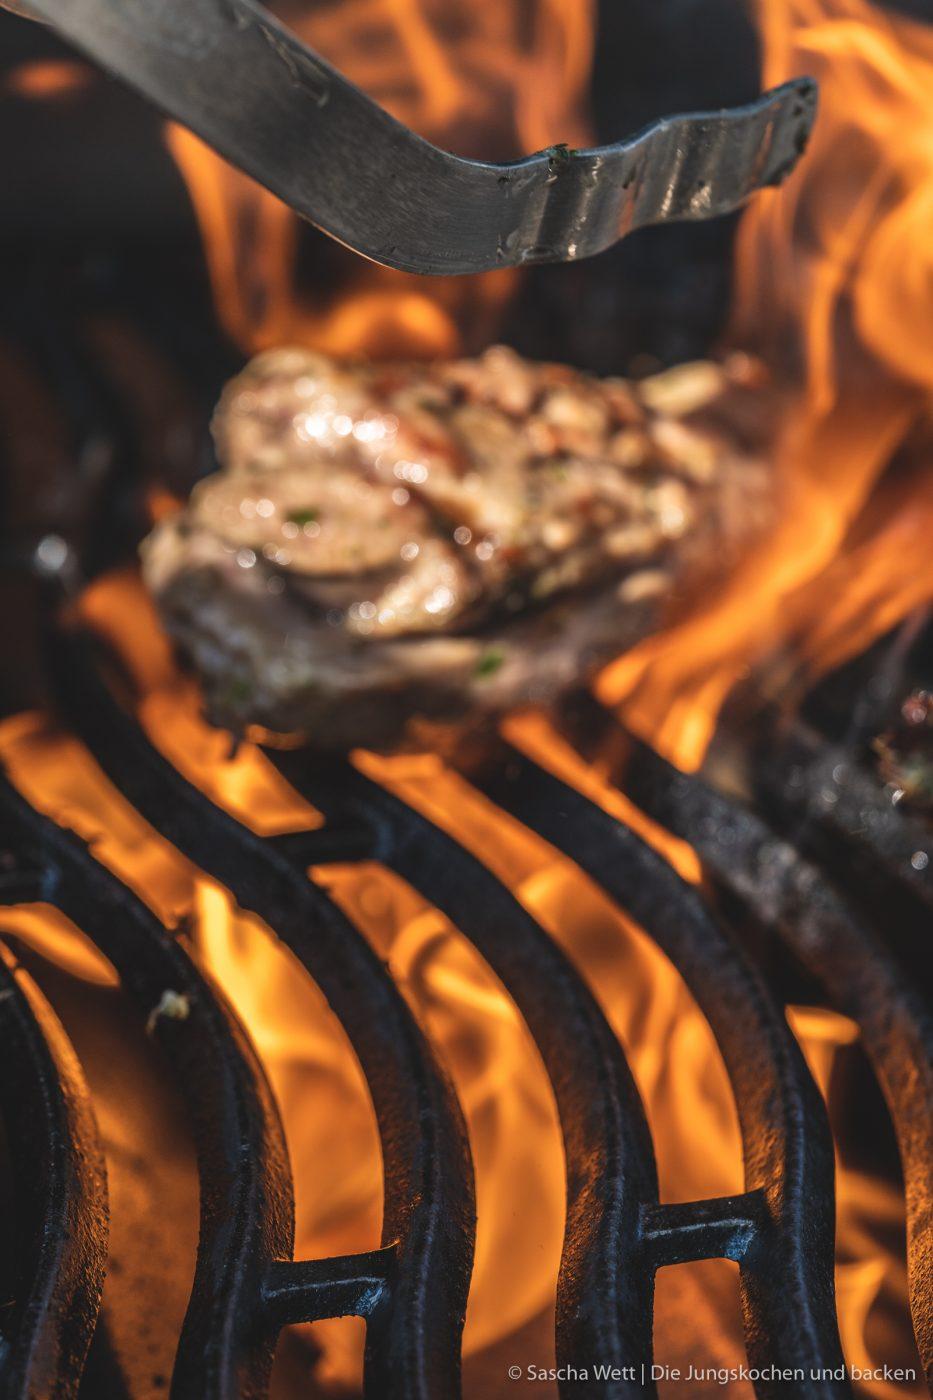 Island Lammfleisch vikingyr 3 | Vor einigen Wochen hatten wir die wundervolle Gelegenheit, das geniale Lammfleisch von Vikingyr kennenzulernen! Der isländische Star-Koch Gísli Matthías Auðunsson hat uns hautnah erleben lassen, wie unglaublich lecker das isländische Lammfleisch schmeckt. Wir und auch die anderen Eventteilnehmer waren einfach sofort Feuer und Flamme!! Warum das Lammfleisch von Vikingyr für uns das beste Lammfleisch ist, das wir bisher probieren durften und was genau dahinter steckt, darüber werden wir euch heute einen genaueren Einblick geben.